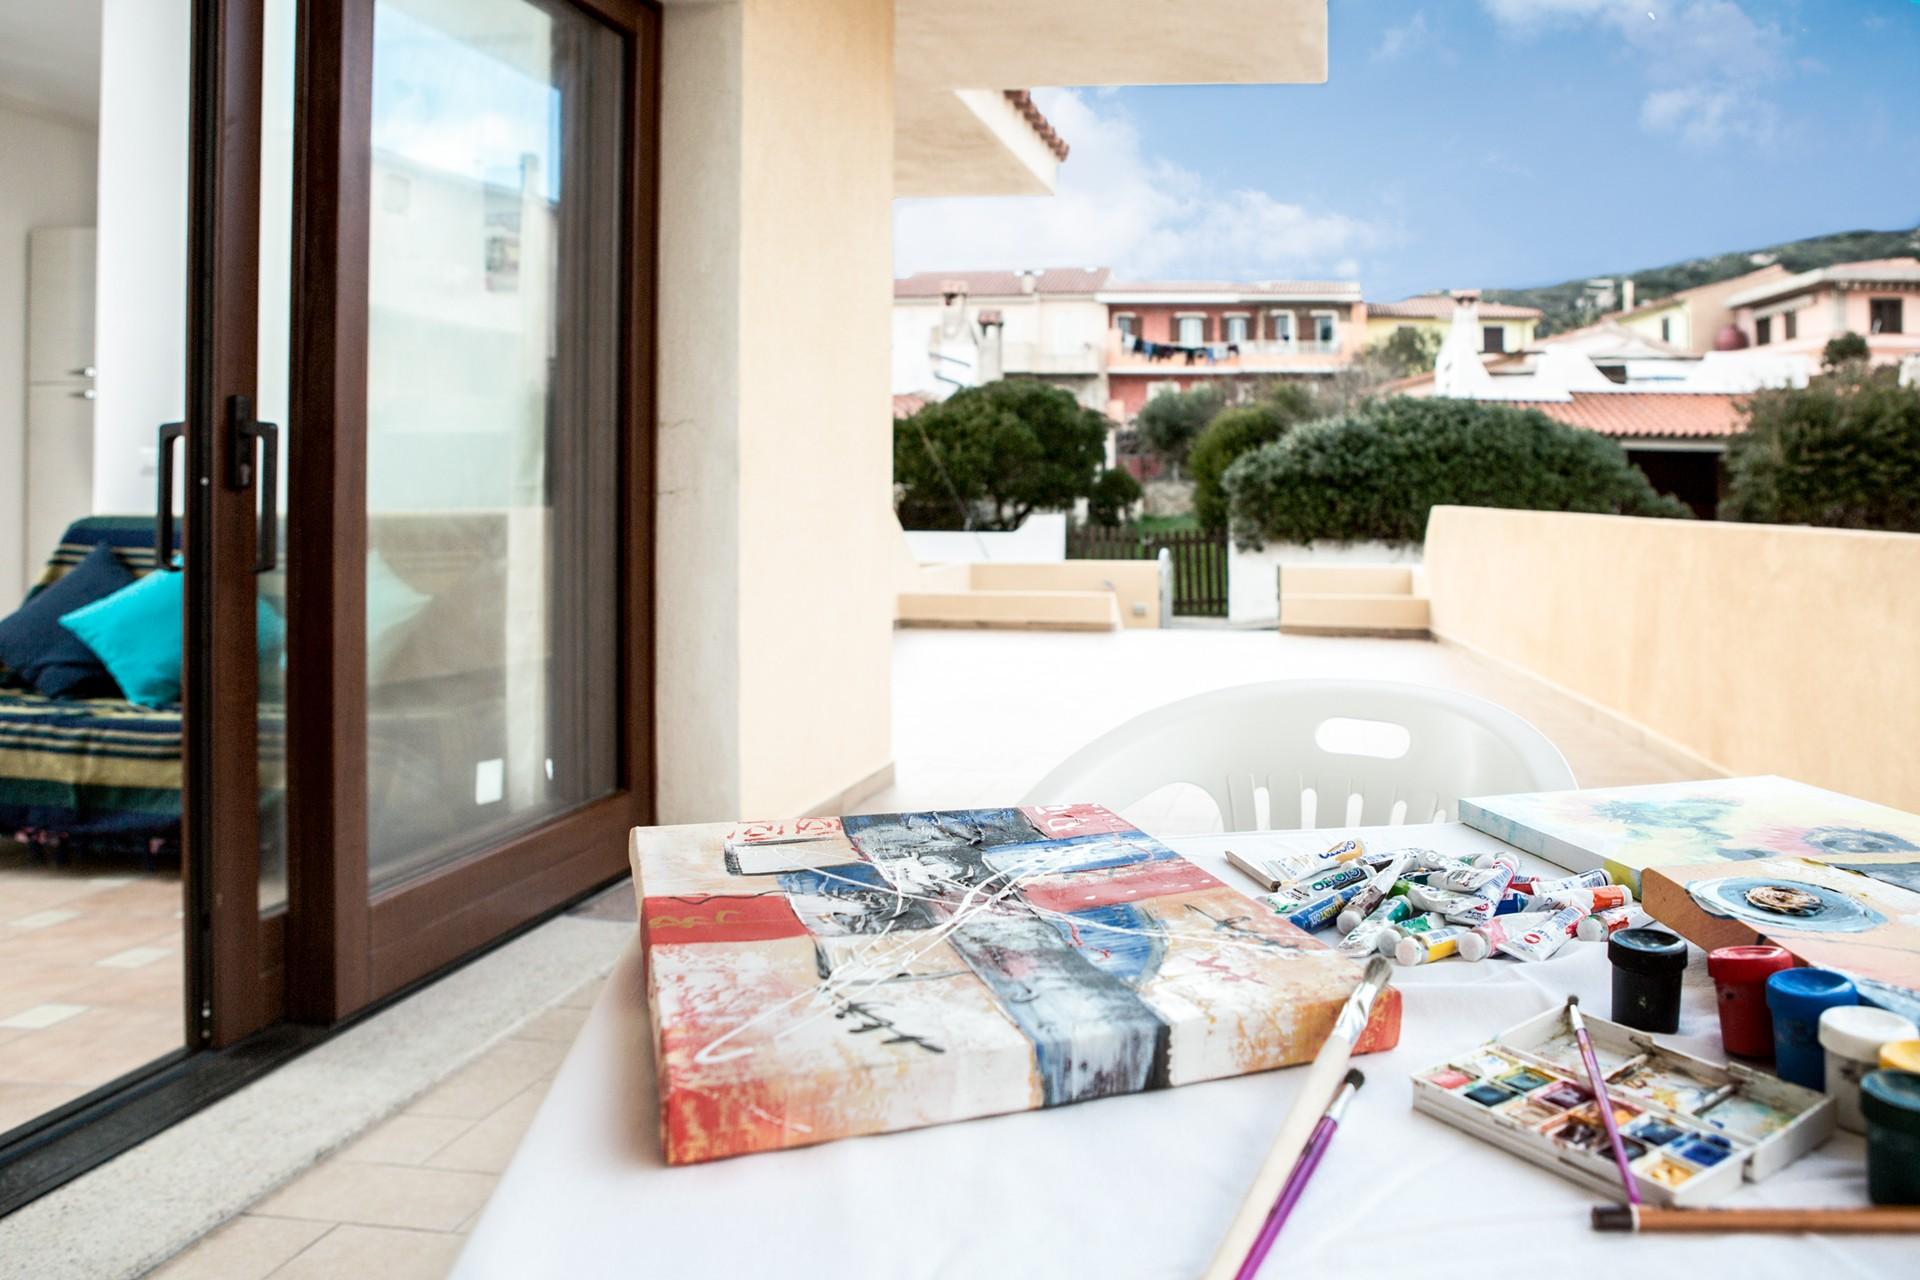 santa-teresa-trilocale-vendita-immobiliare-murphy-terrazza